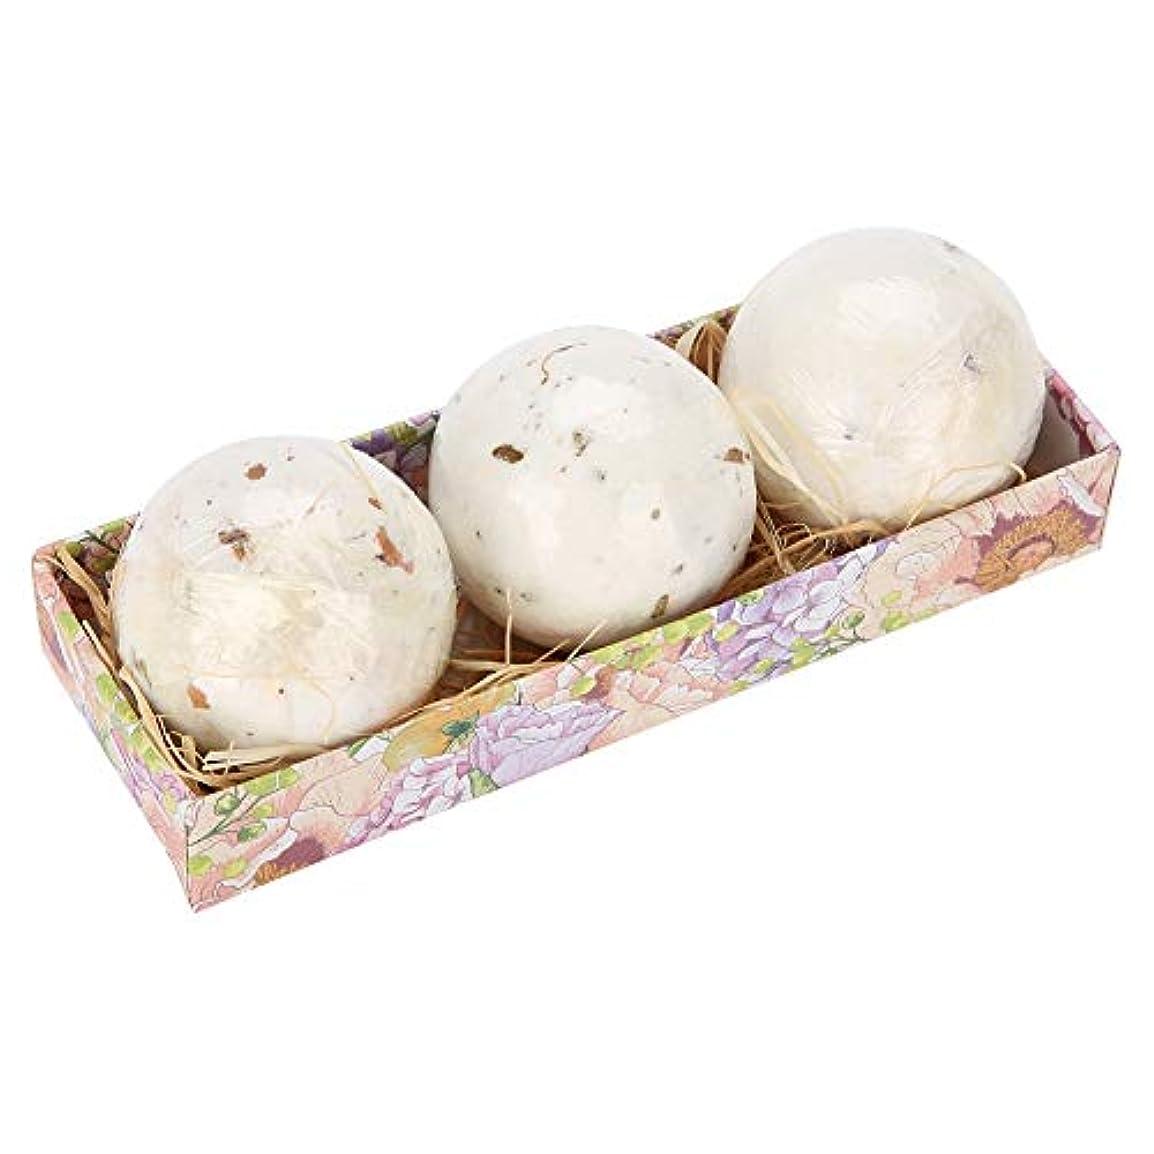 農業のシマウマ貨物バスボム 4枚入り 爆弾バスボール 入浴剤 入浴料 セットお風呂用 海塩 潤い 肌に良い 痒み止め 贈り物 ギフト